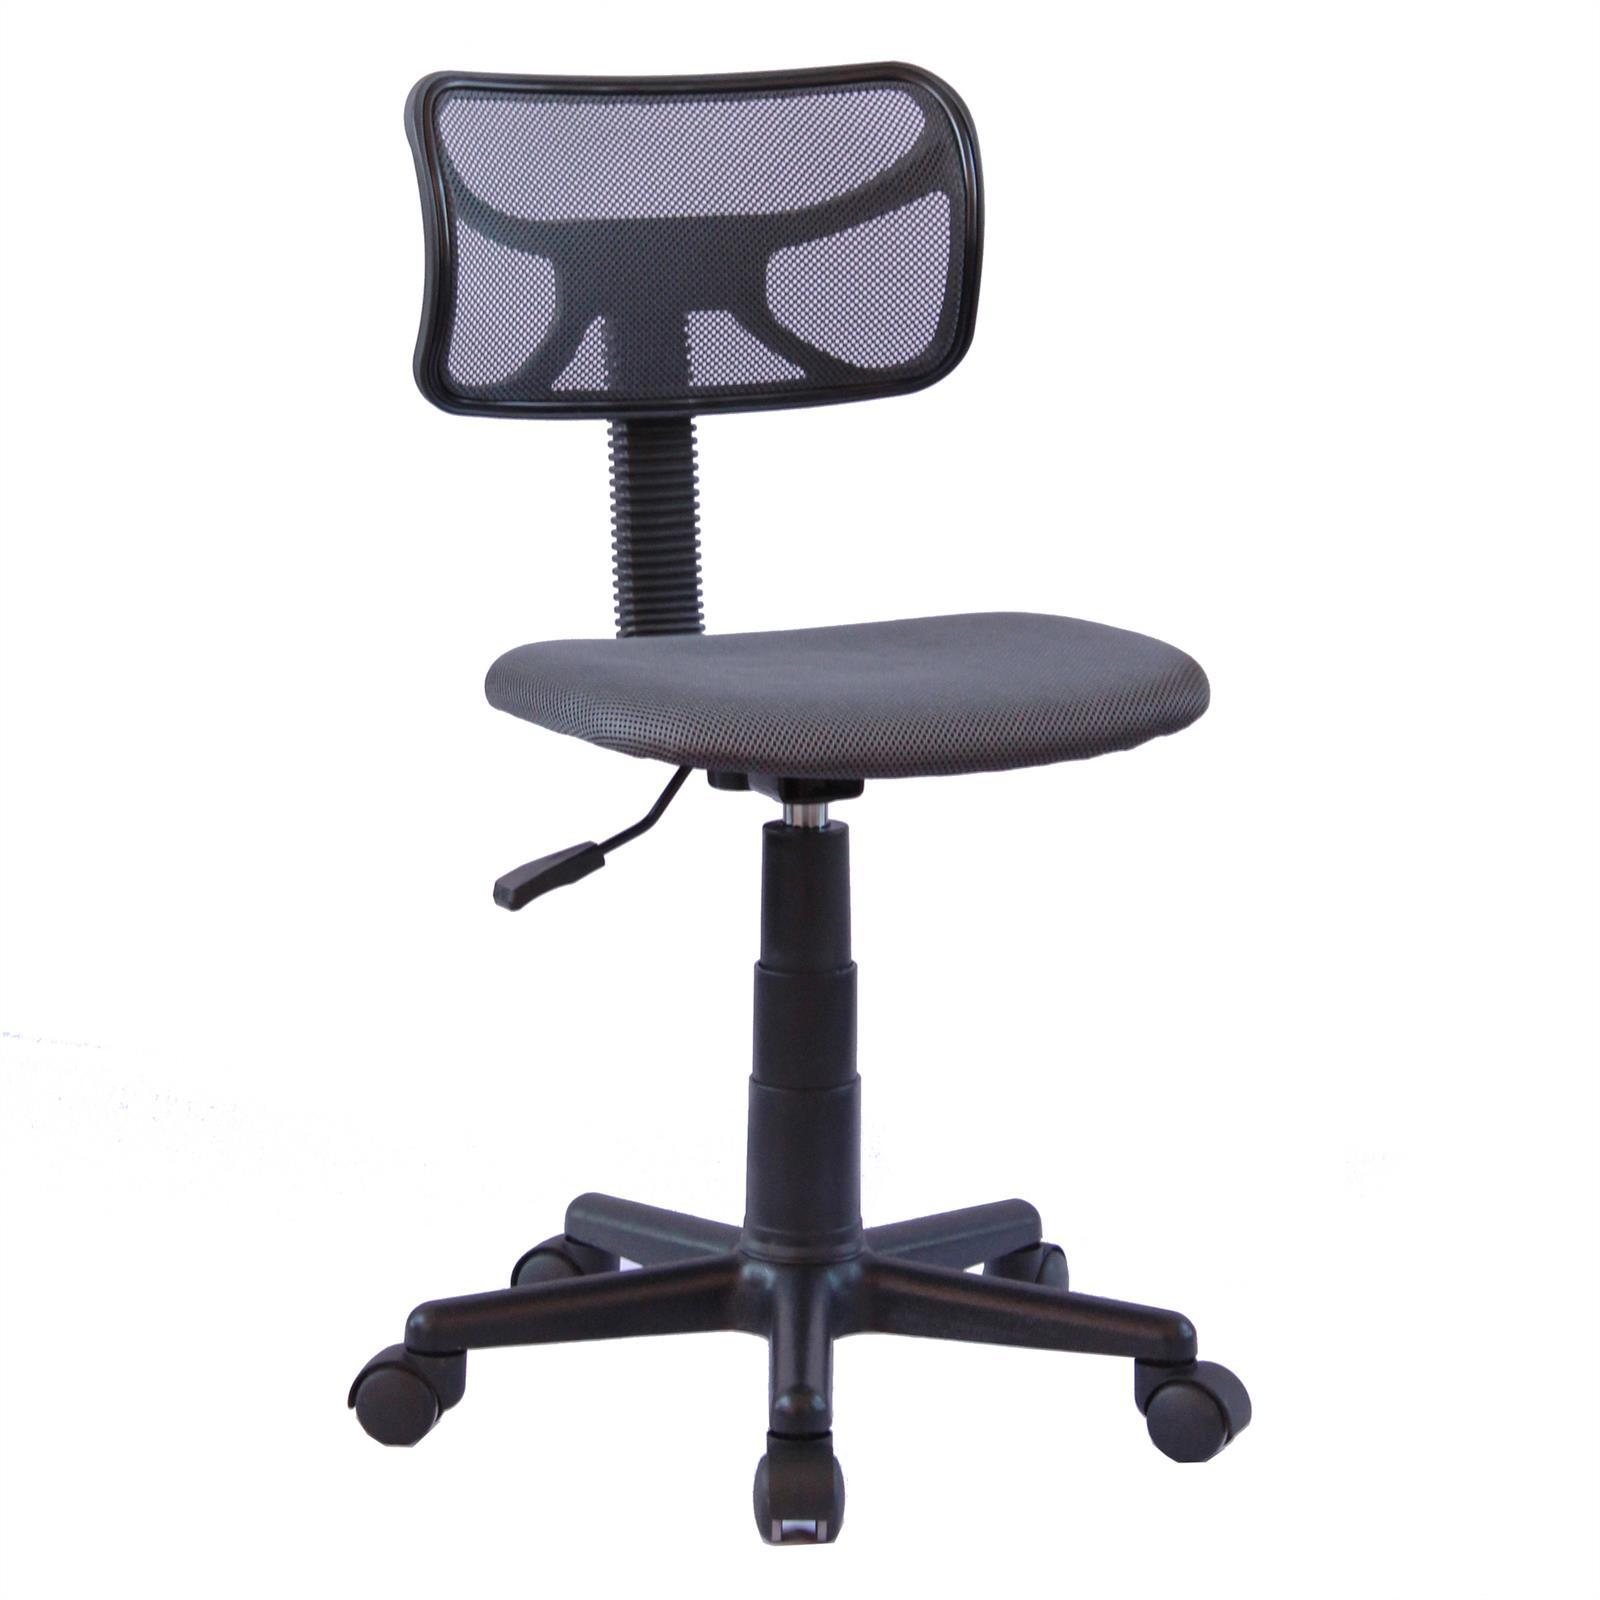 chaise de bureau pour enfant milan gris mobil meubles. Black Bedroom Furniture Sets. Home Design Ideas